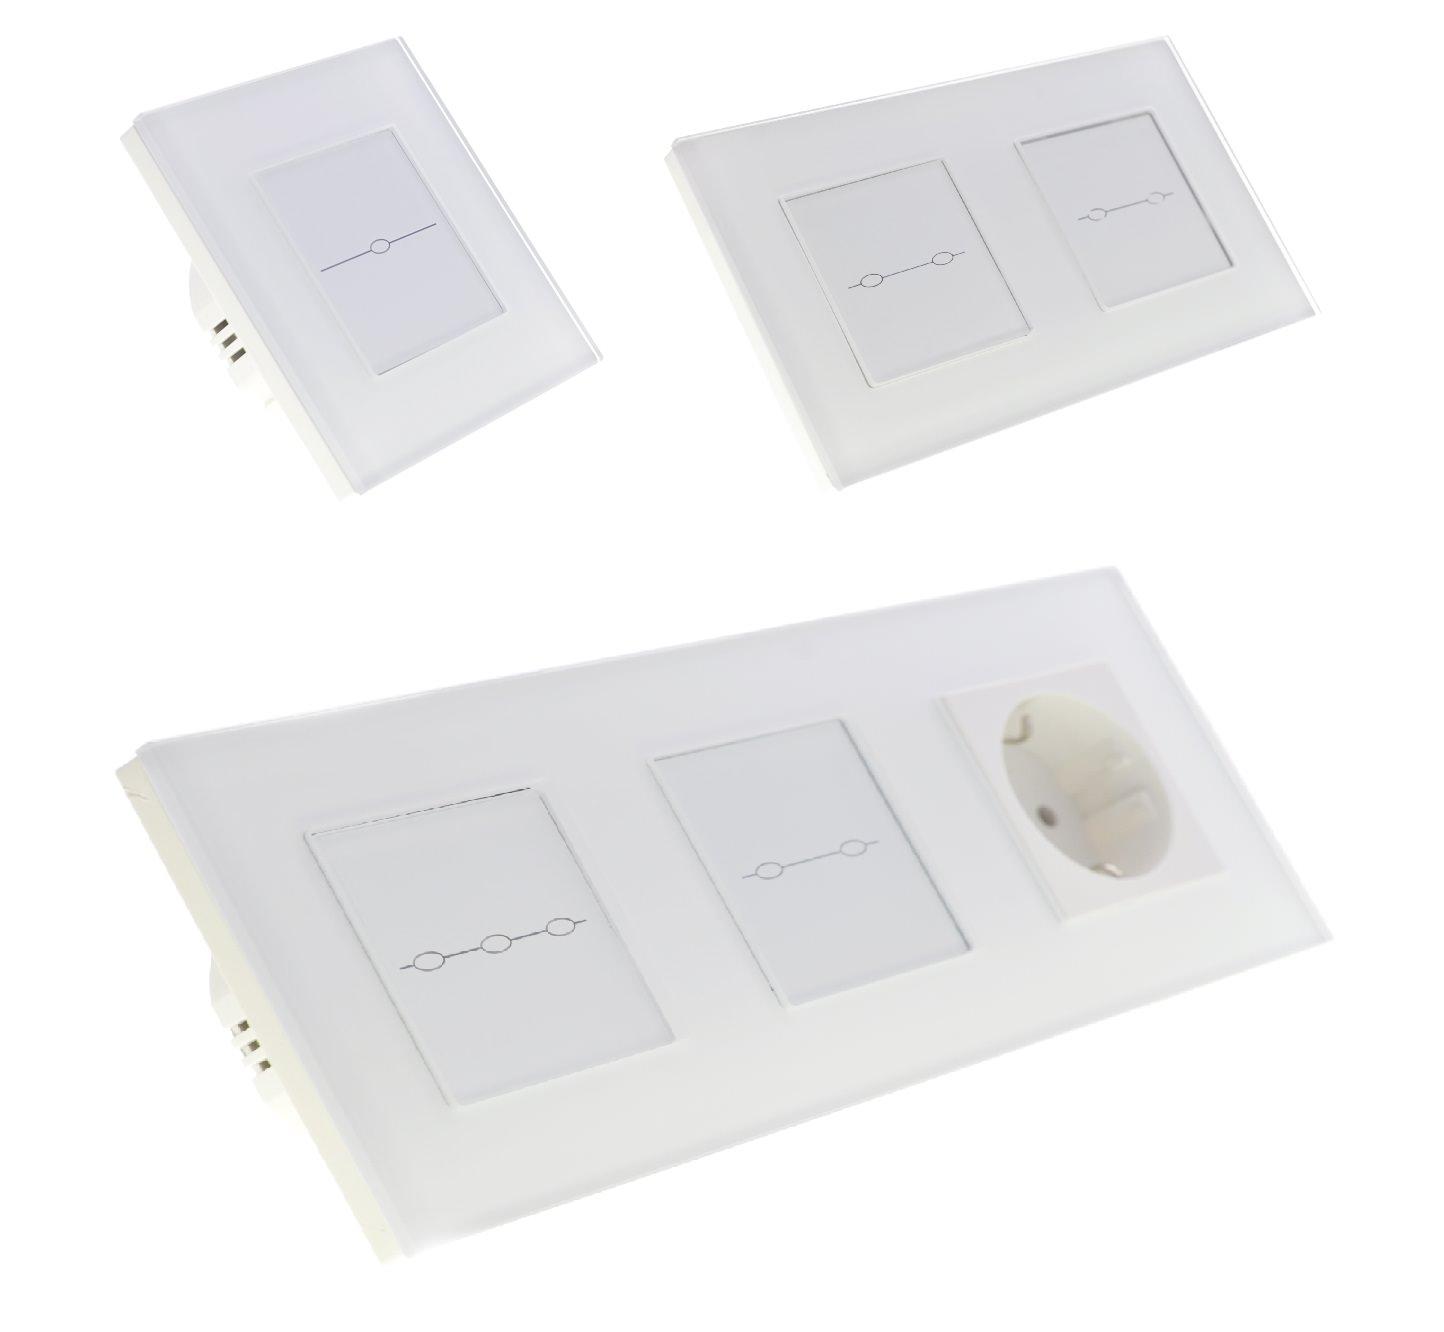 Lichtschalter Glas Touchscreen Steckdose Wechselschalter ...